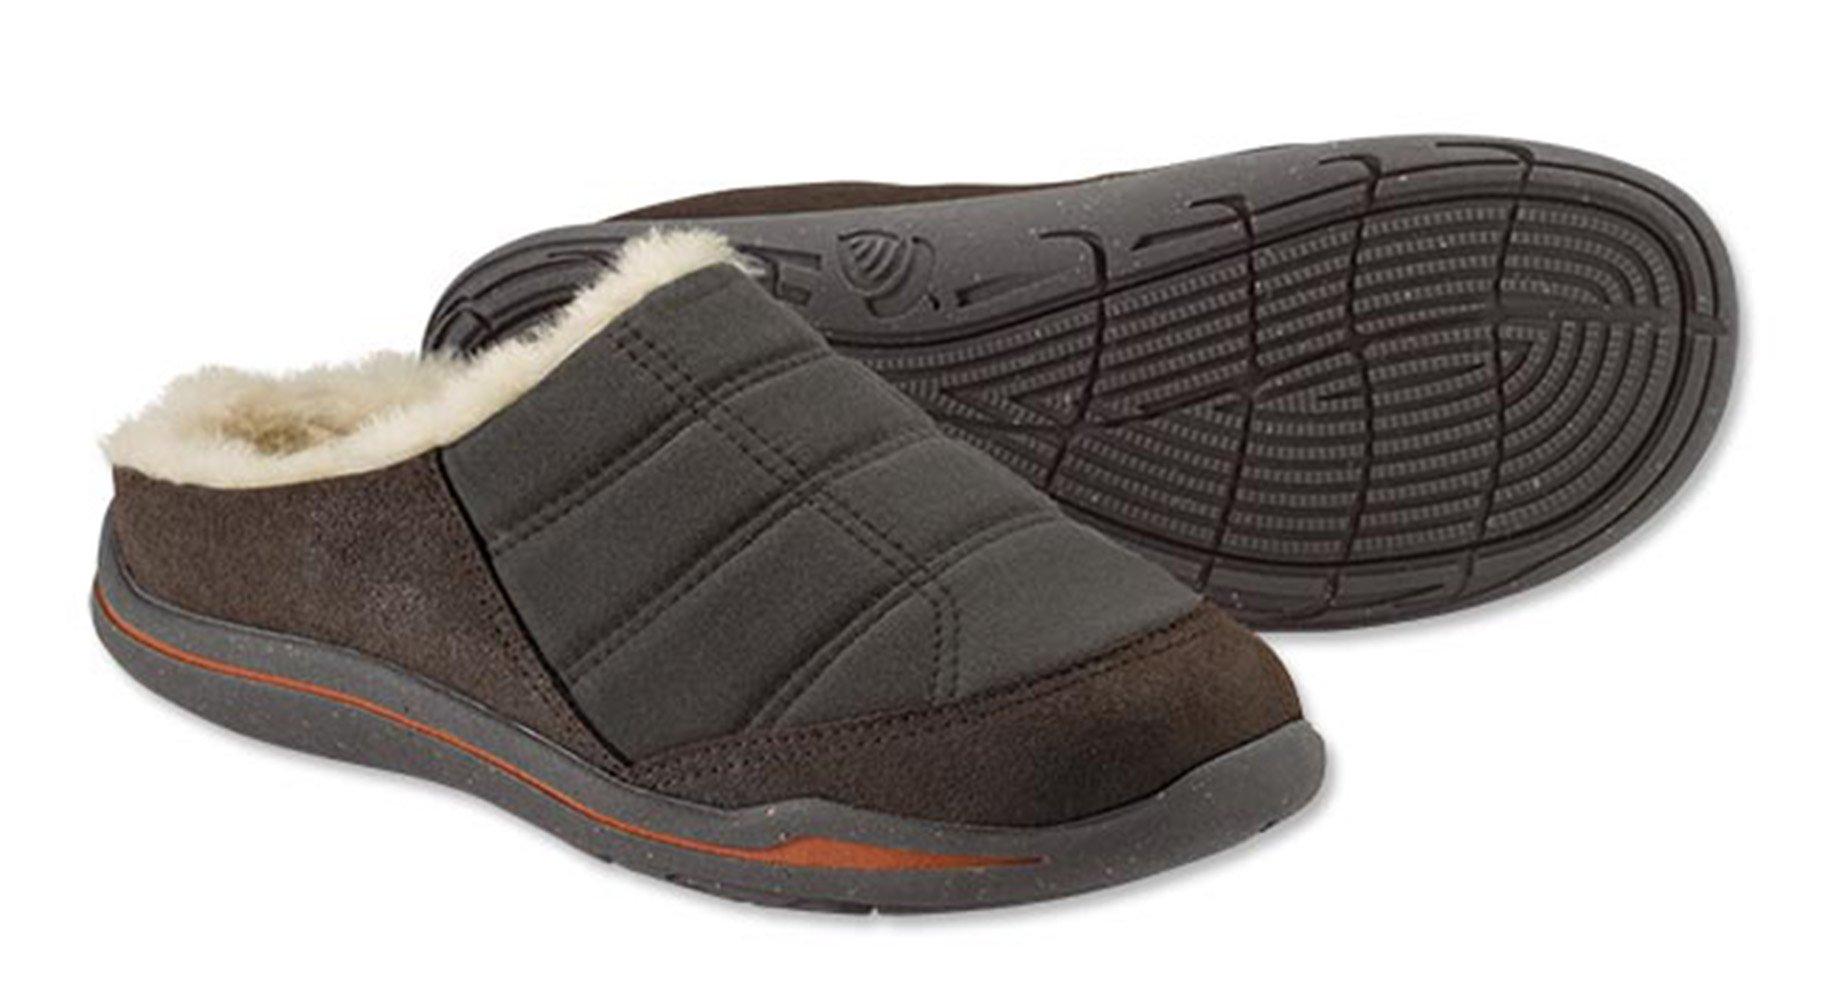 Orvis Men's Ultralight Barefoot Slippers, Brown, 12 by Orvis